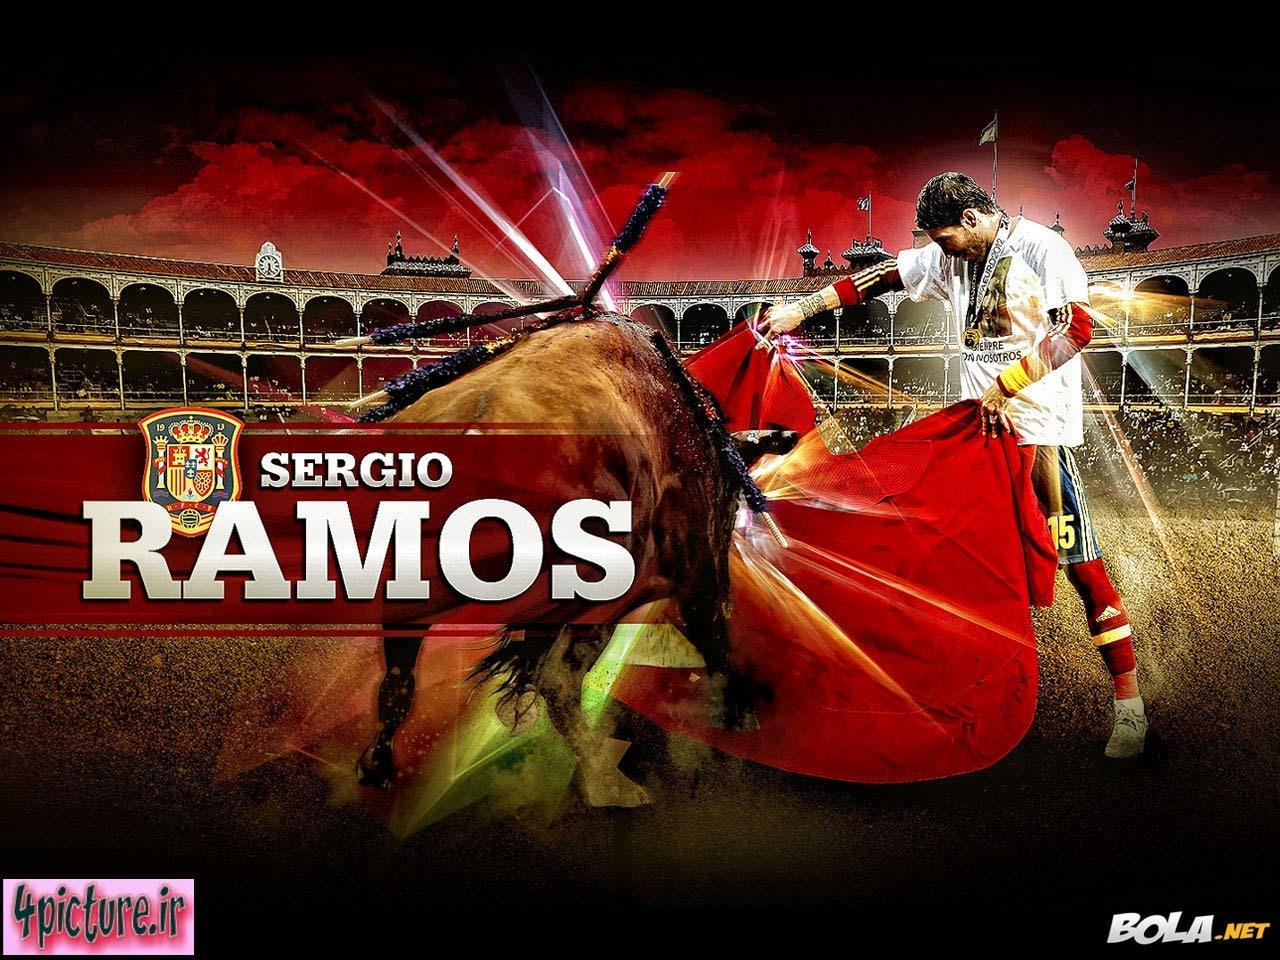 عکس راموس ,عکس پس زمینه راموس, عکس پشت صفحه راموس,والپیپر راموس,پوستر راموس